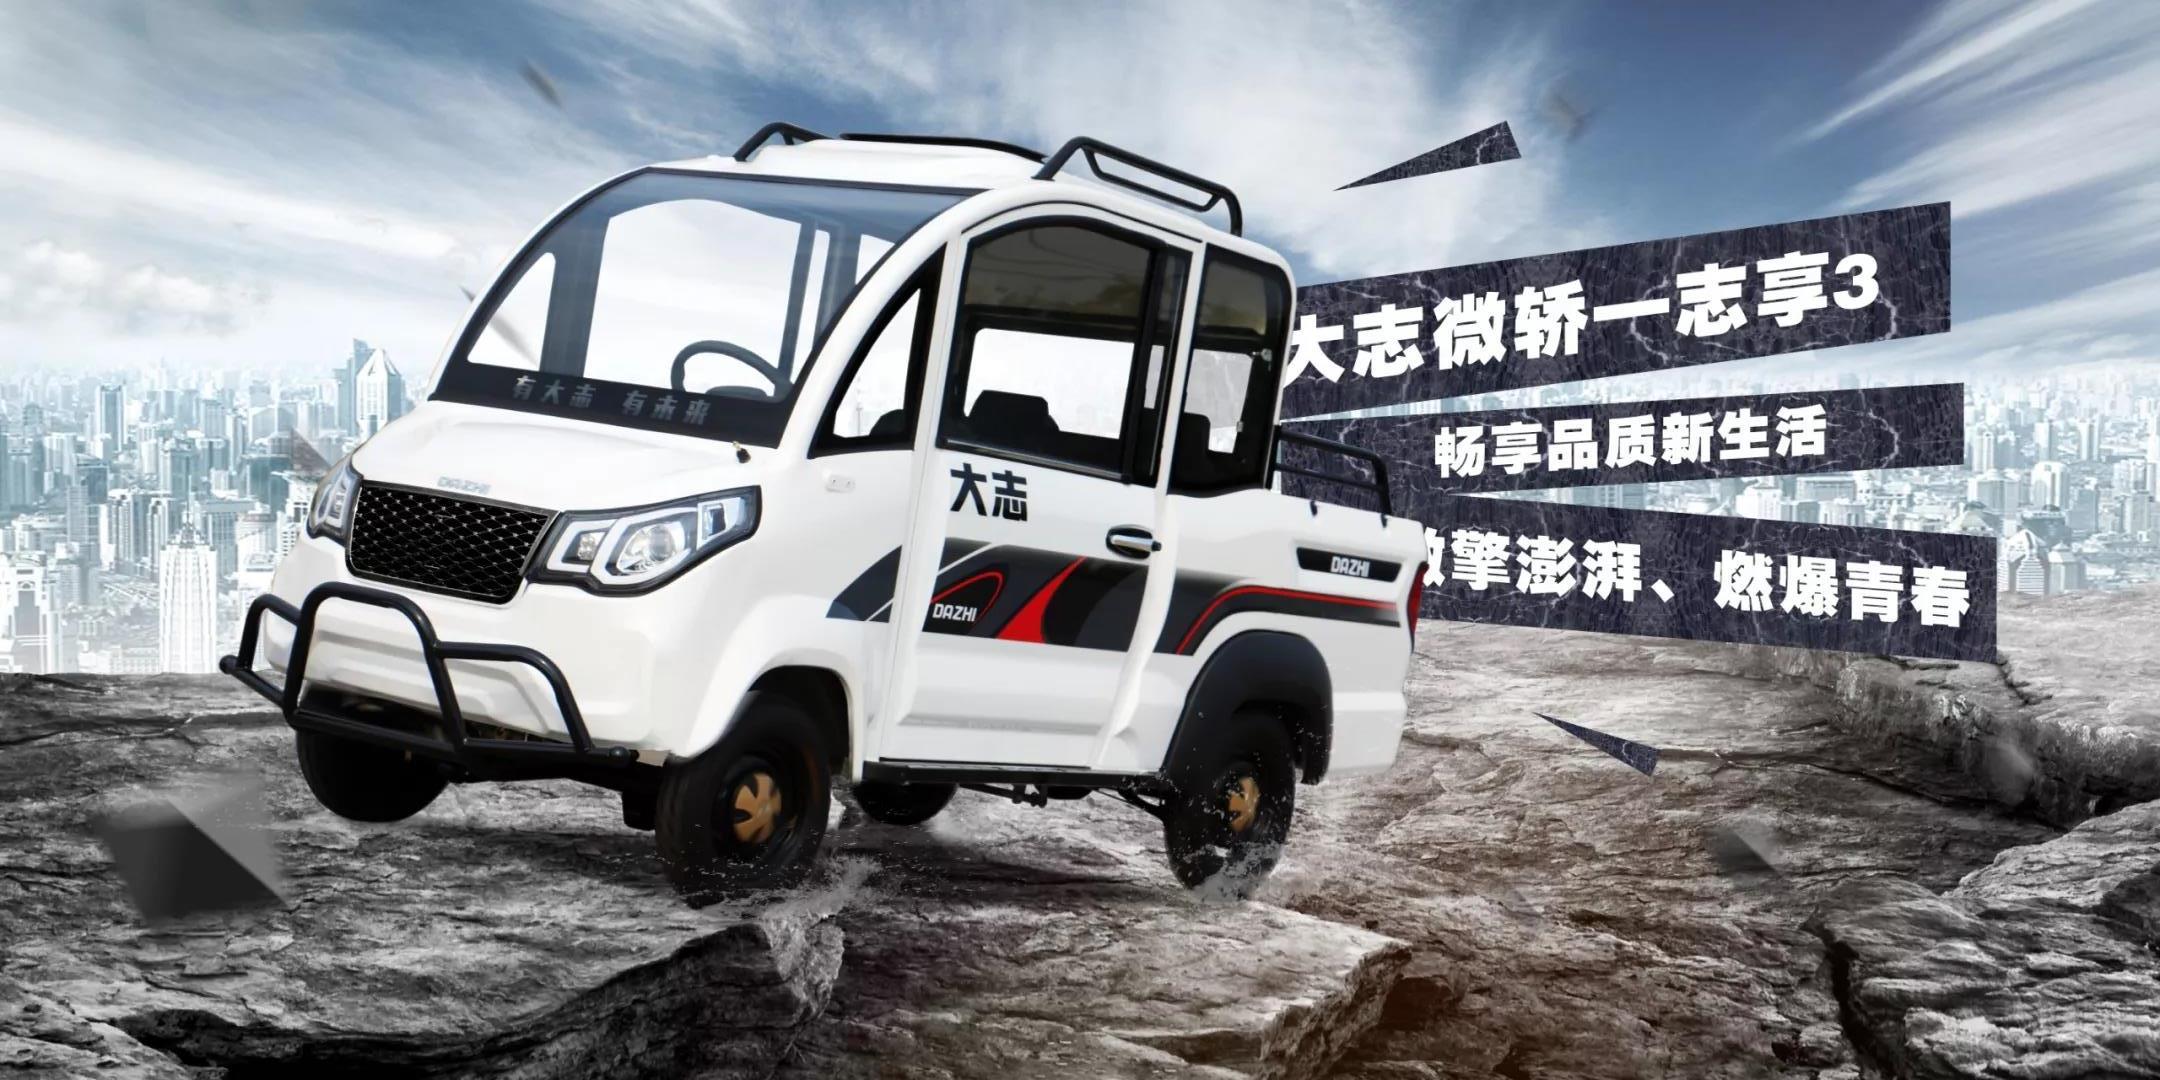 新品上市丨大志微轎志享3,引擎澎湃,動力無極限!